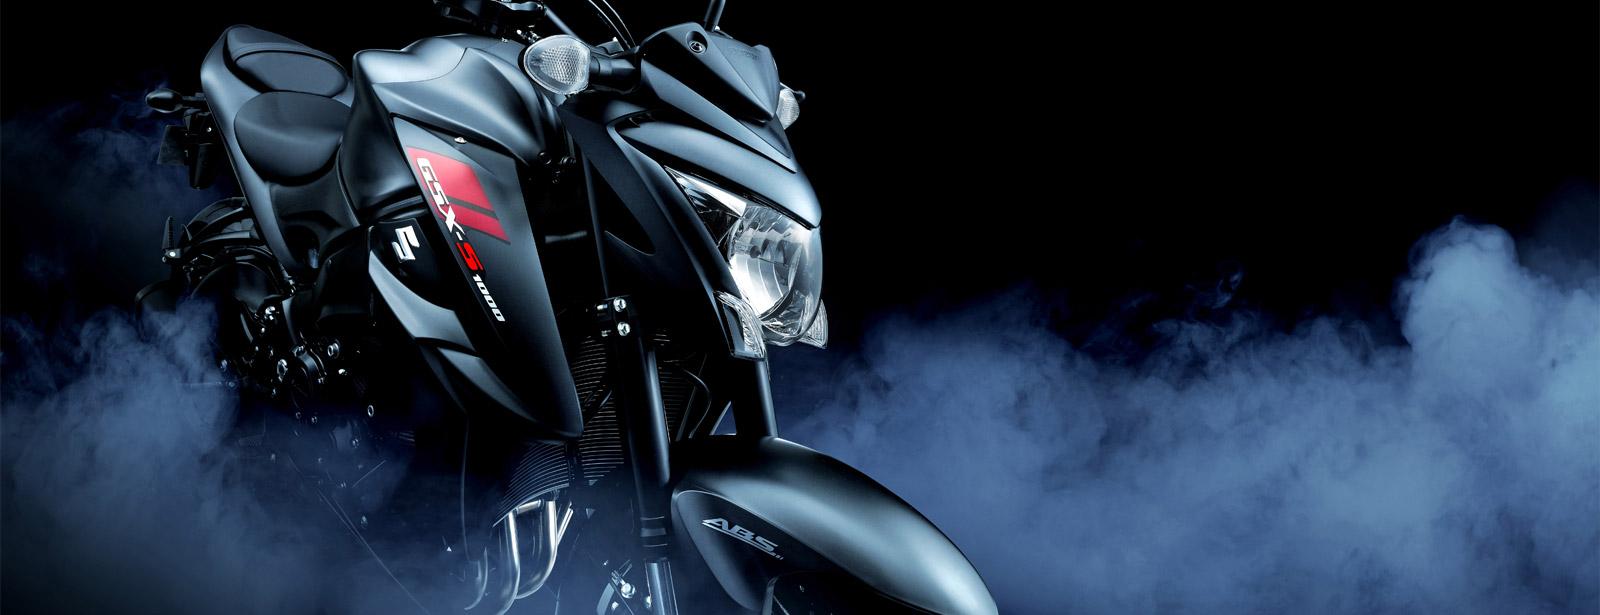 Sprawdź nasze nowe niższe ceny na motocykle z serii GSX-S1000